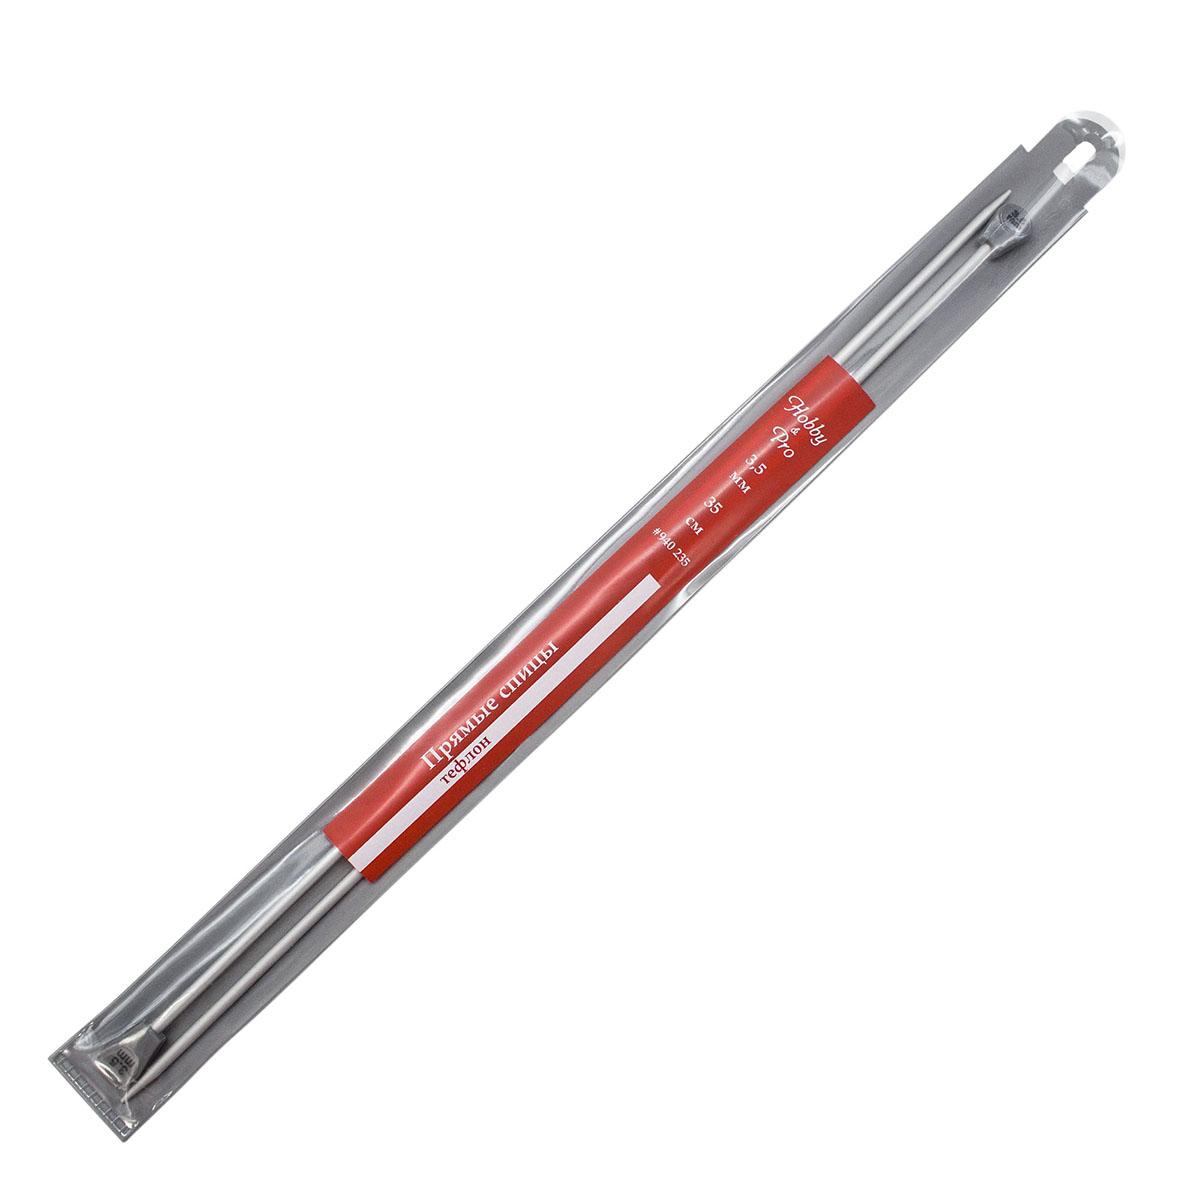 940235 Спицы прямые алюминиевые с покрытием 35см, 3,5мм Hobby&Pro